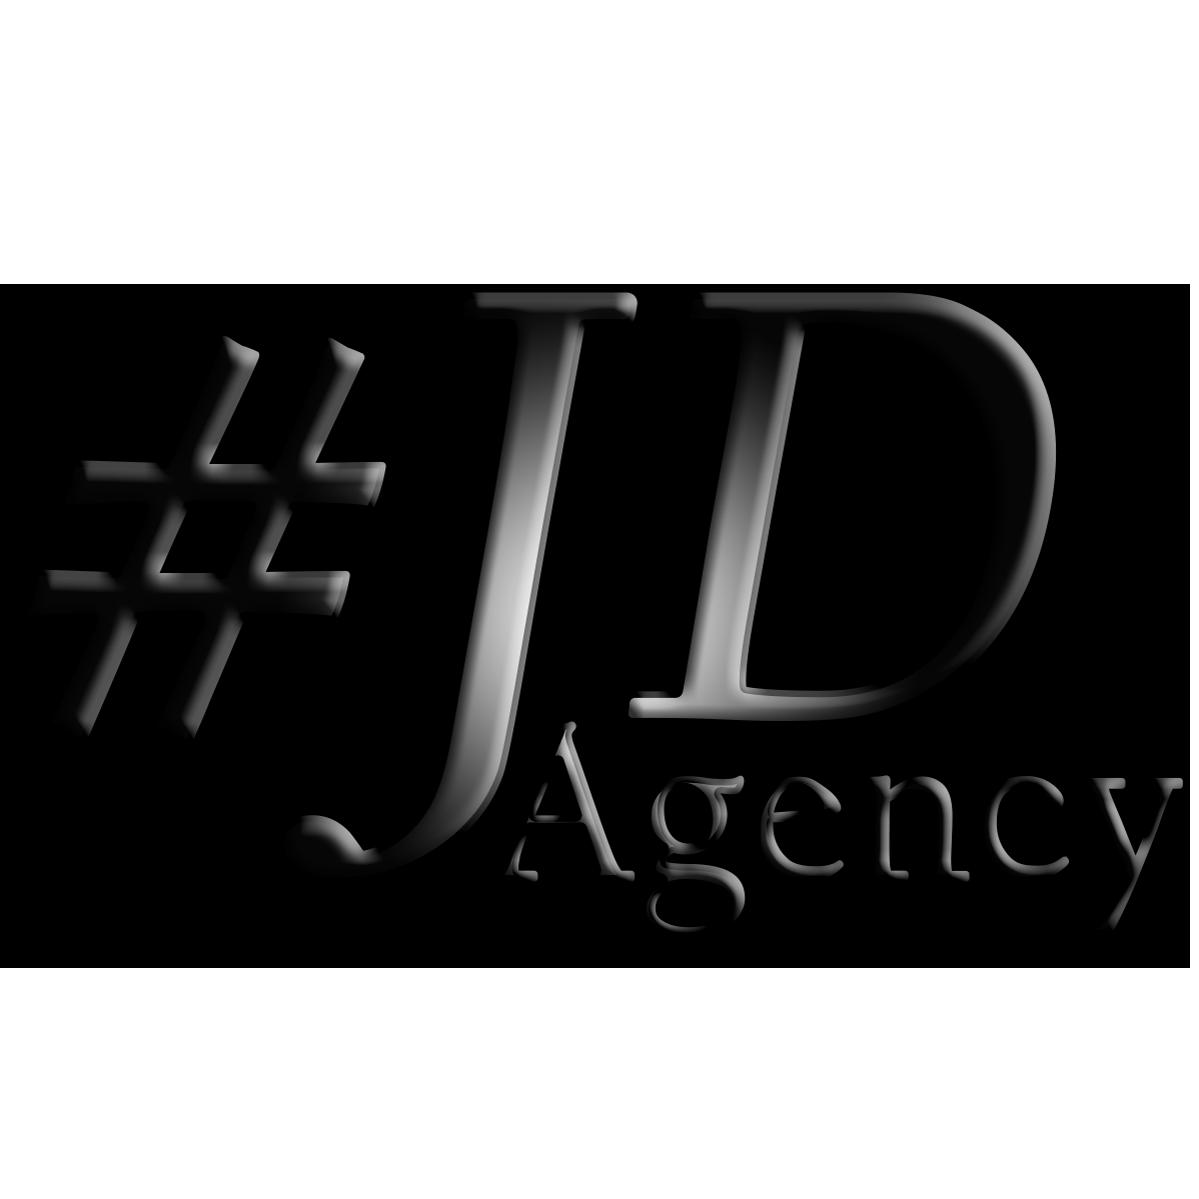 Rozvojová agentúra JD_agency